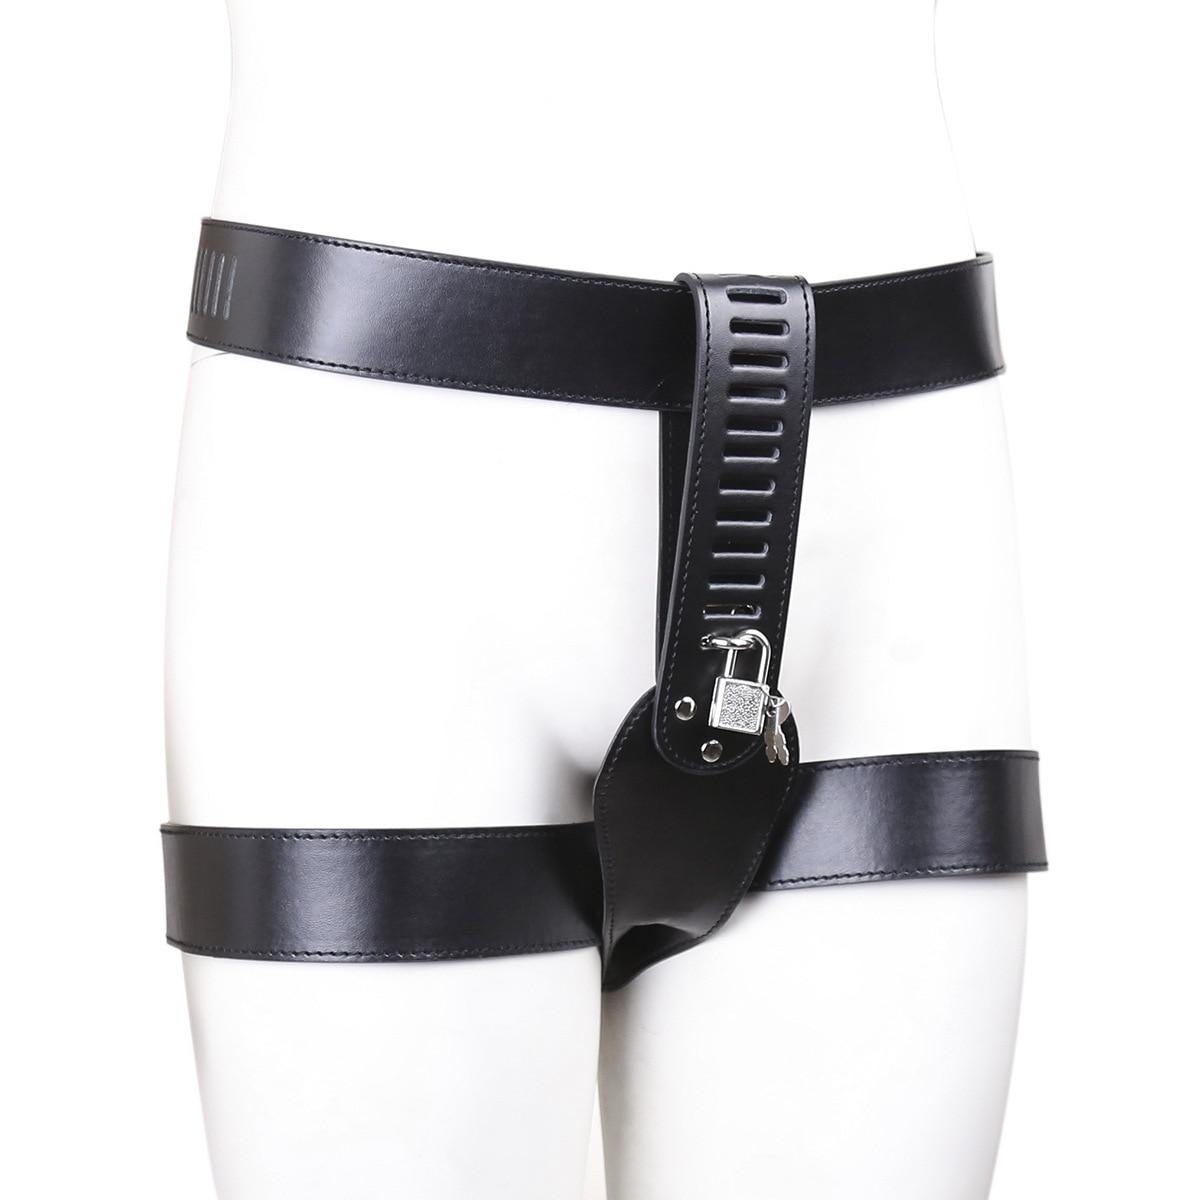 Женское целомудрие, нижнее белье, шорты с замком на поясе, сексуальные трусики, ПУ кожаные ремни, штаны, удерживающие связывание, БДСМ, нижне...